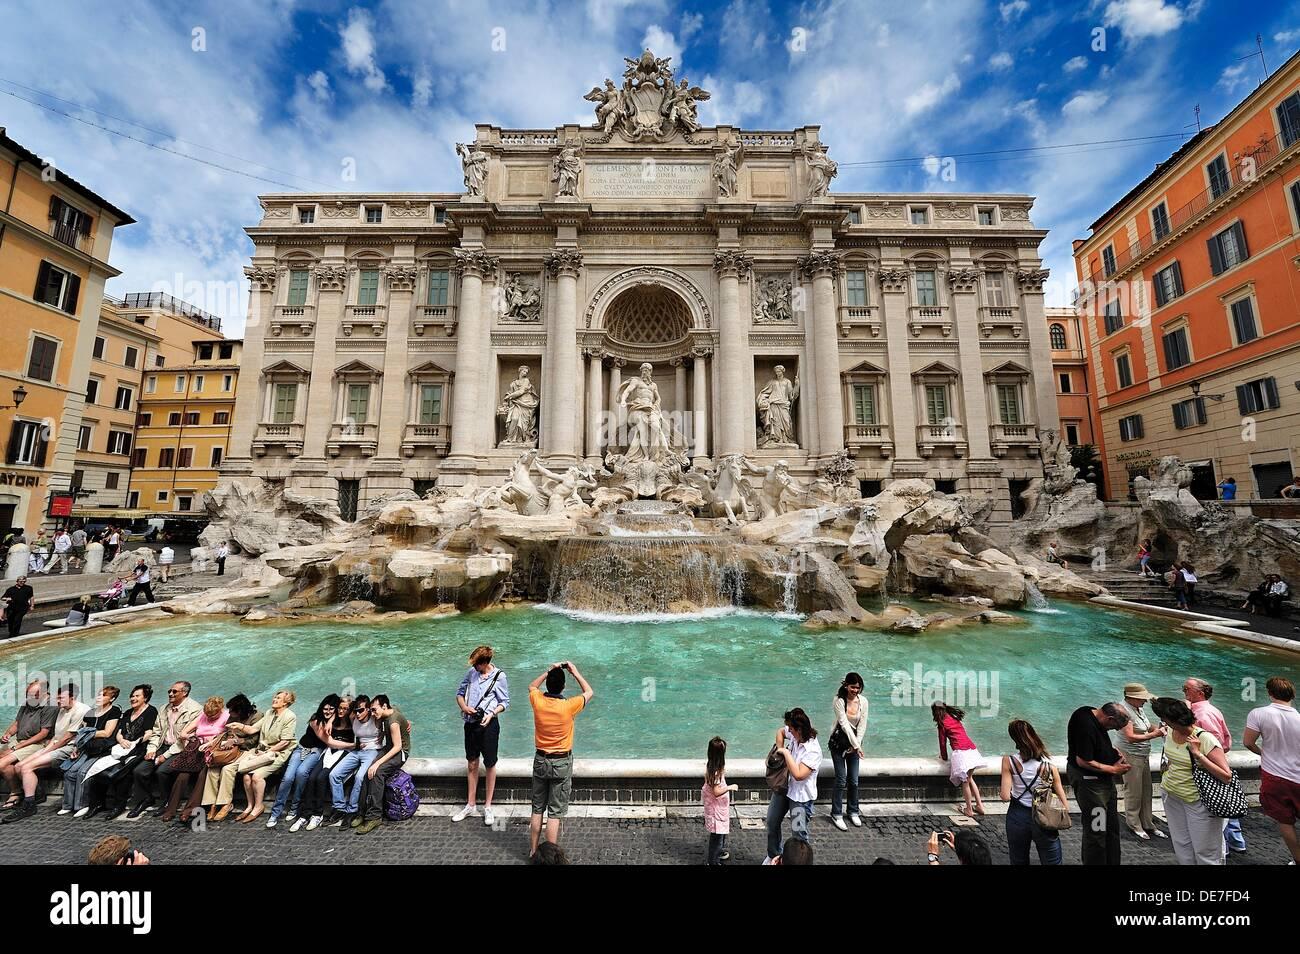 Vue spectaculaire de la fontaine de Trevi plein de touristes, Rome Photo Stock